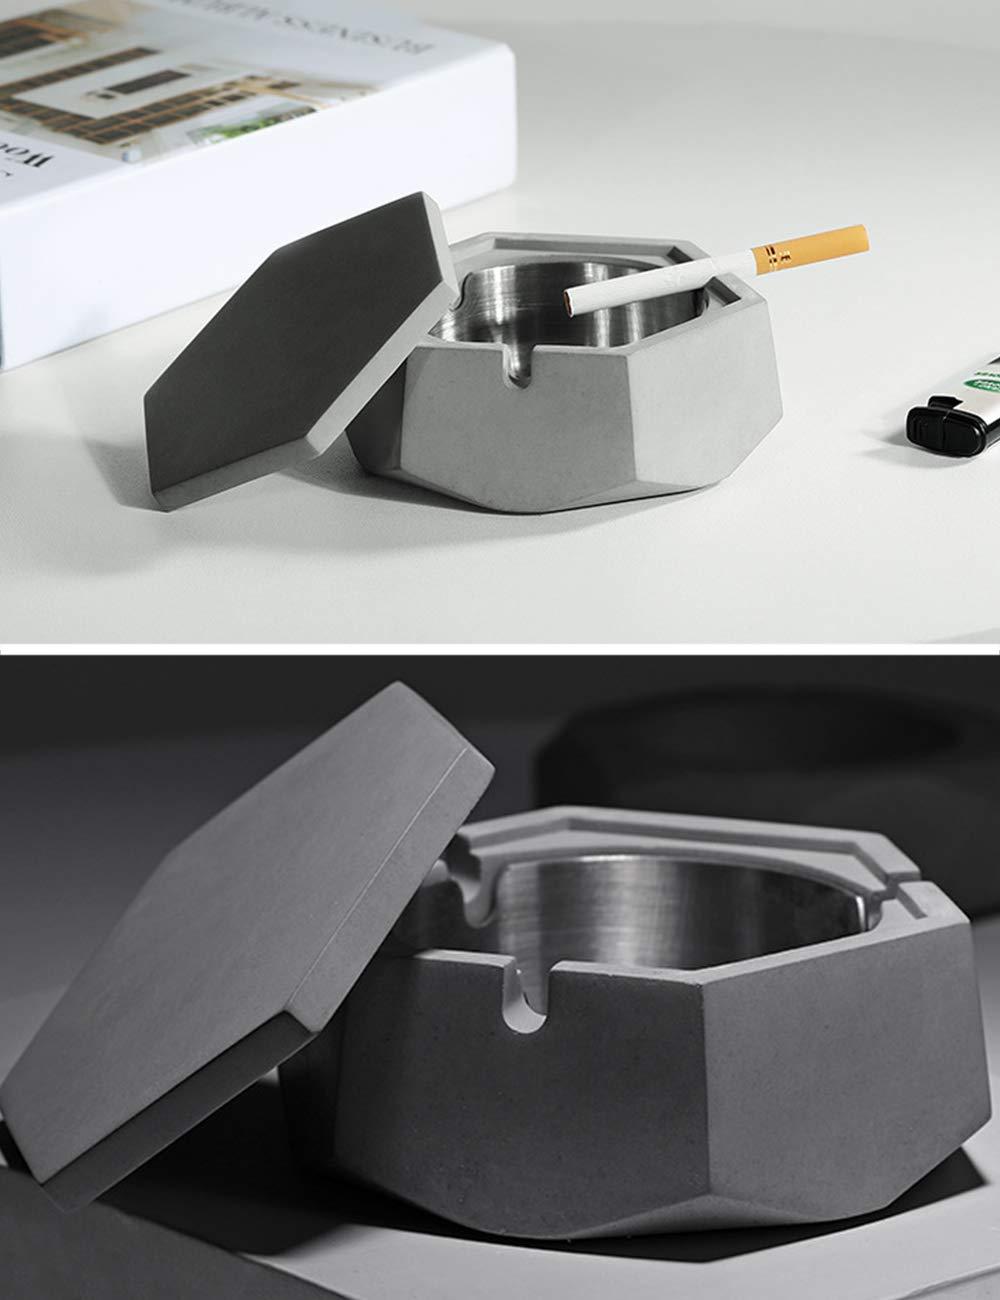 SPDYCESS Cenicero con Tapa Exterior Cenicero de Cigarrillos para Fumadores Cenicero a Prueba de Viento con la Base Antideslizante para Uso Interior y Exterior